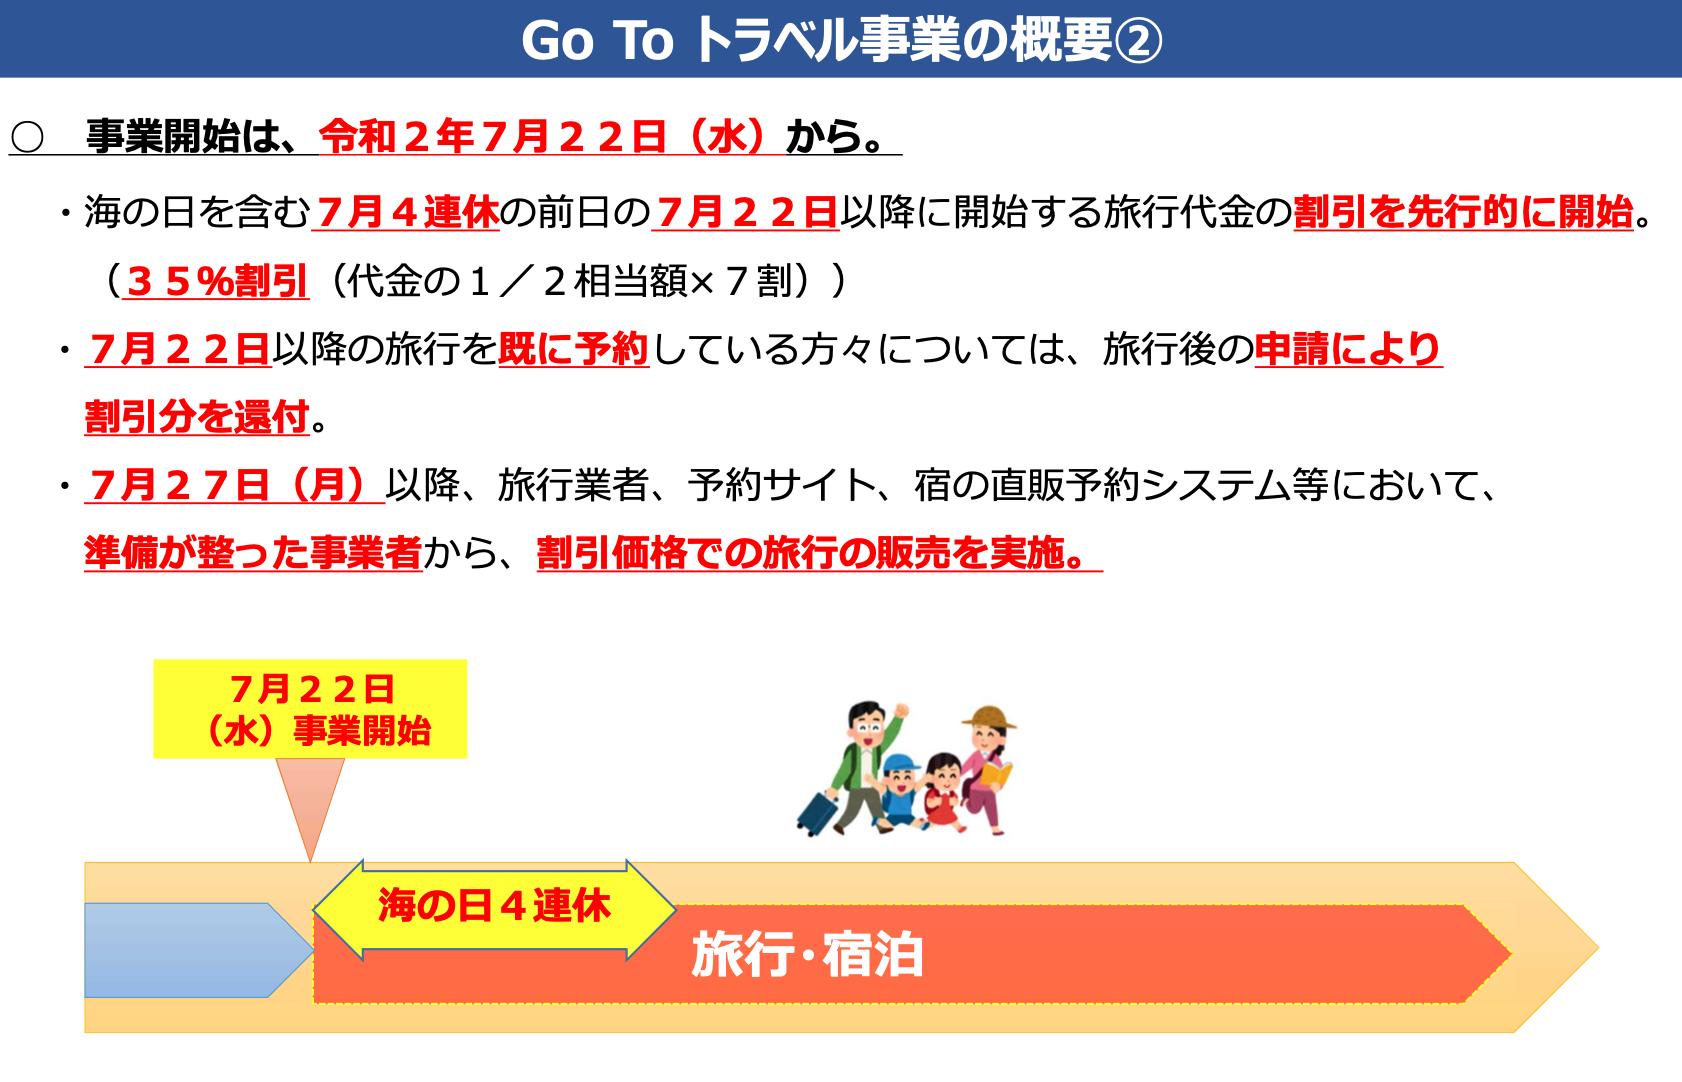 GoToトラベルキャンペーンは7月22日より既存予約も対象で開始